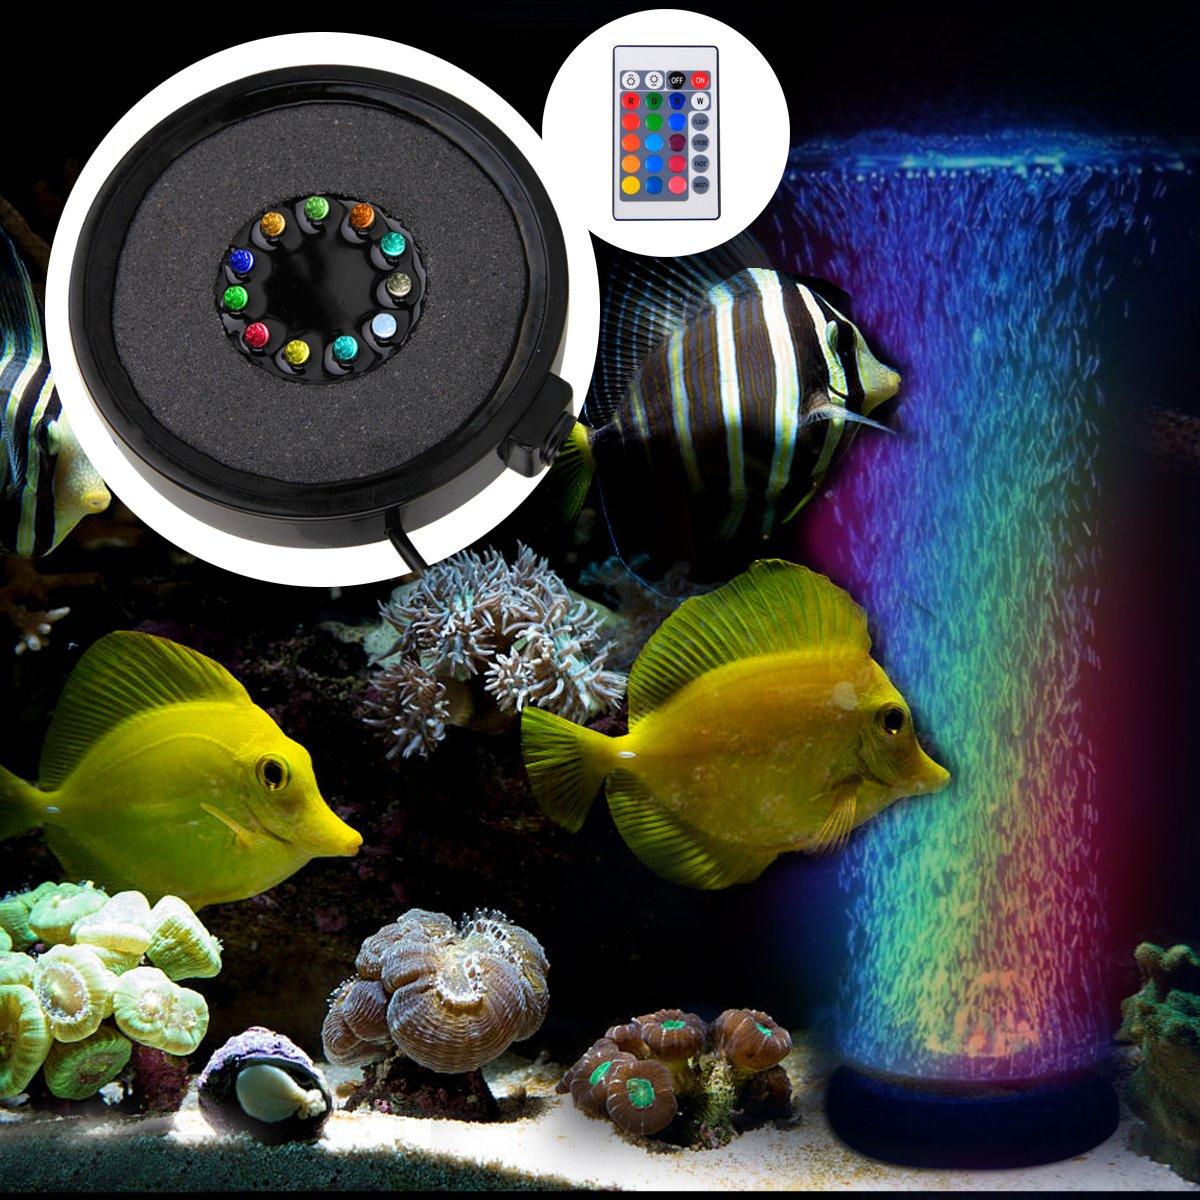 BAYTTER Acuario LED Iluminación Silenciar burbuja Luz RGB aufsetzl ...